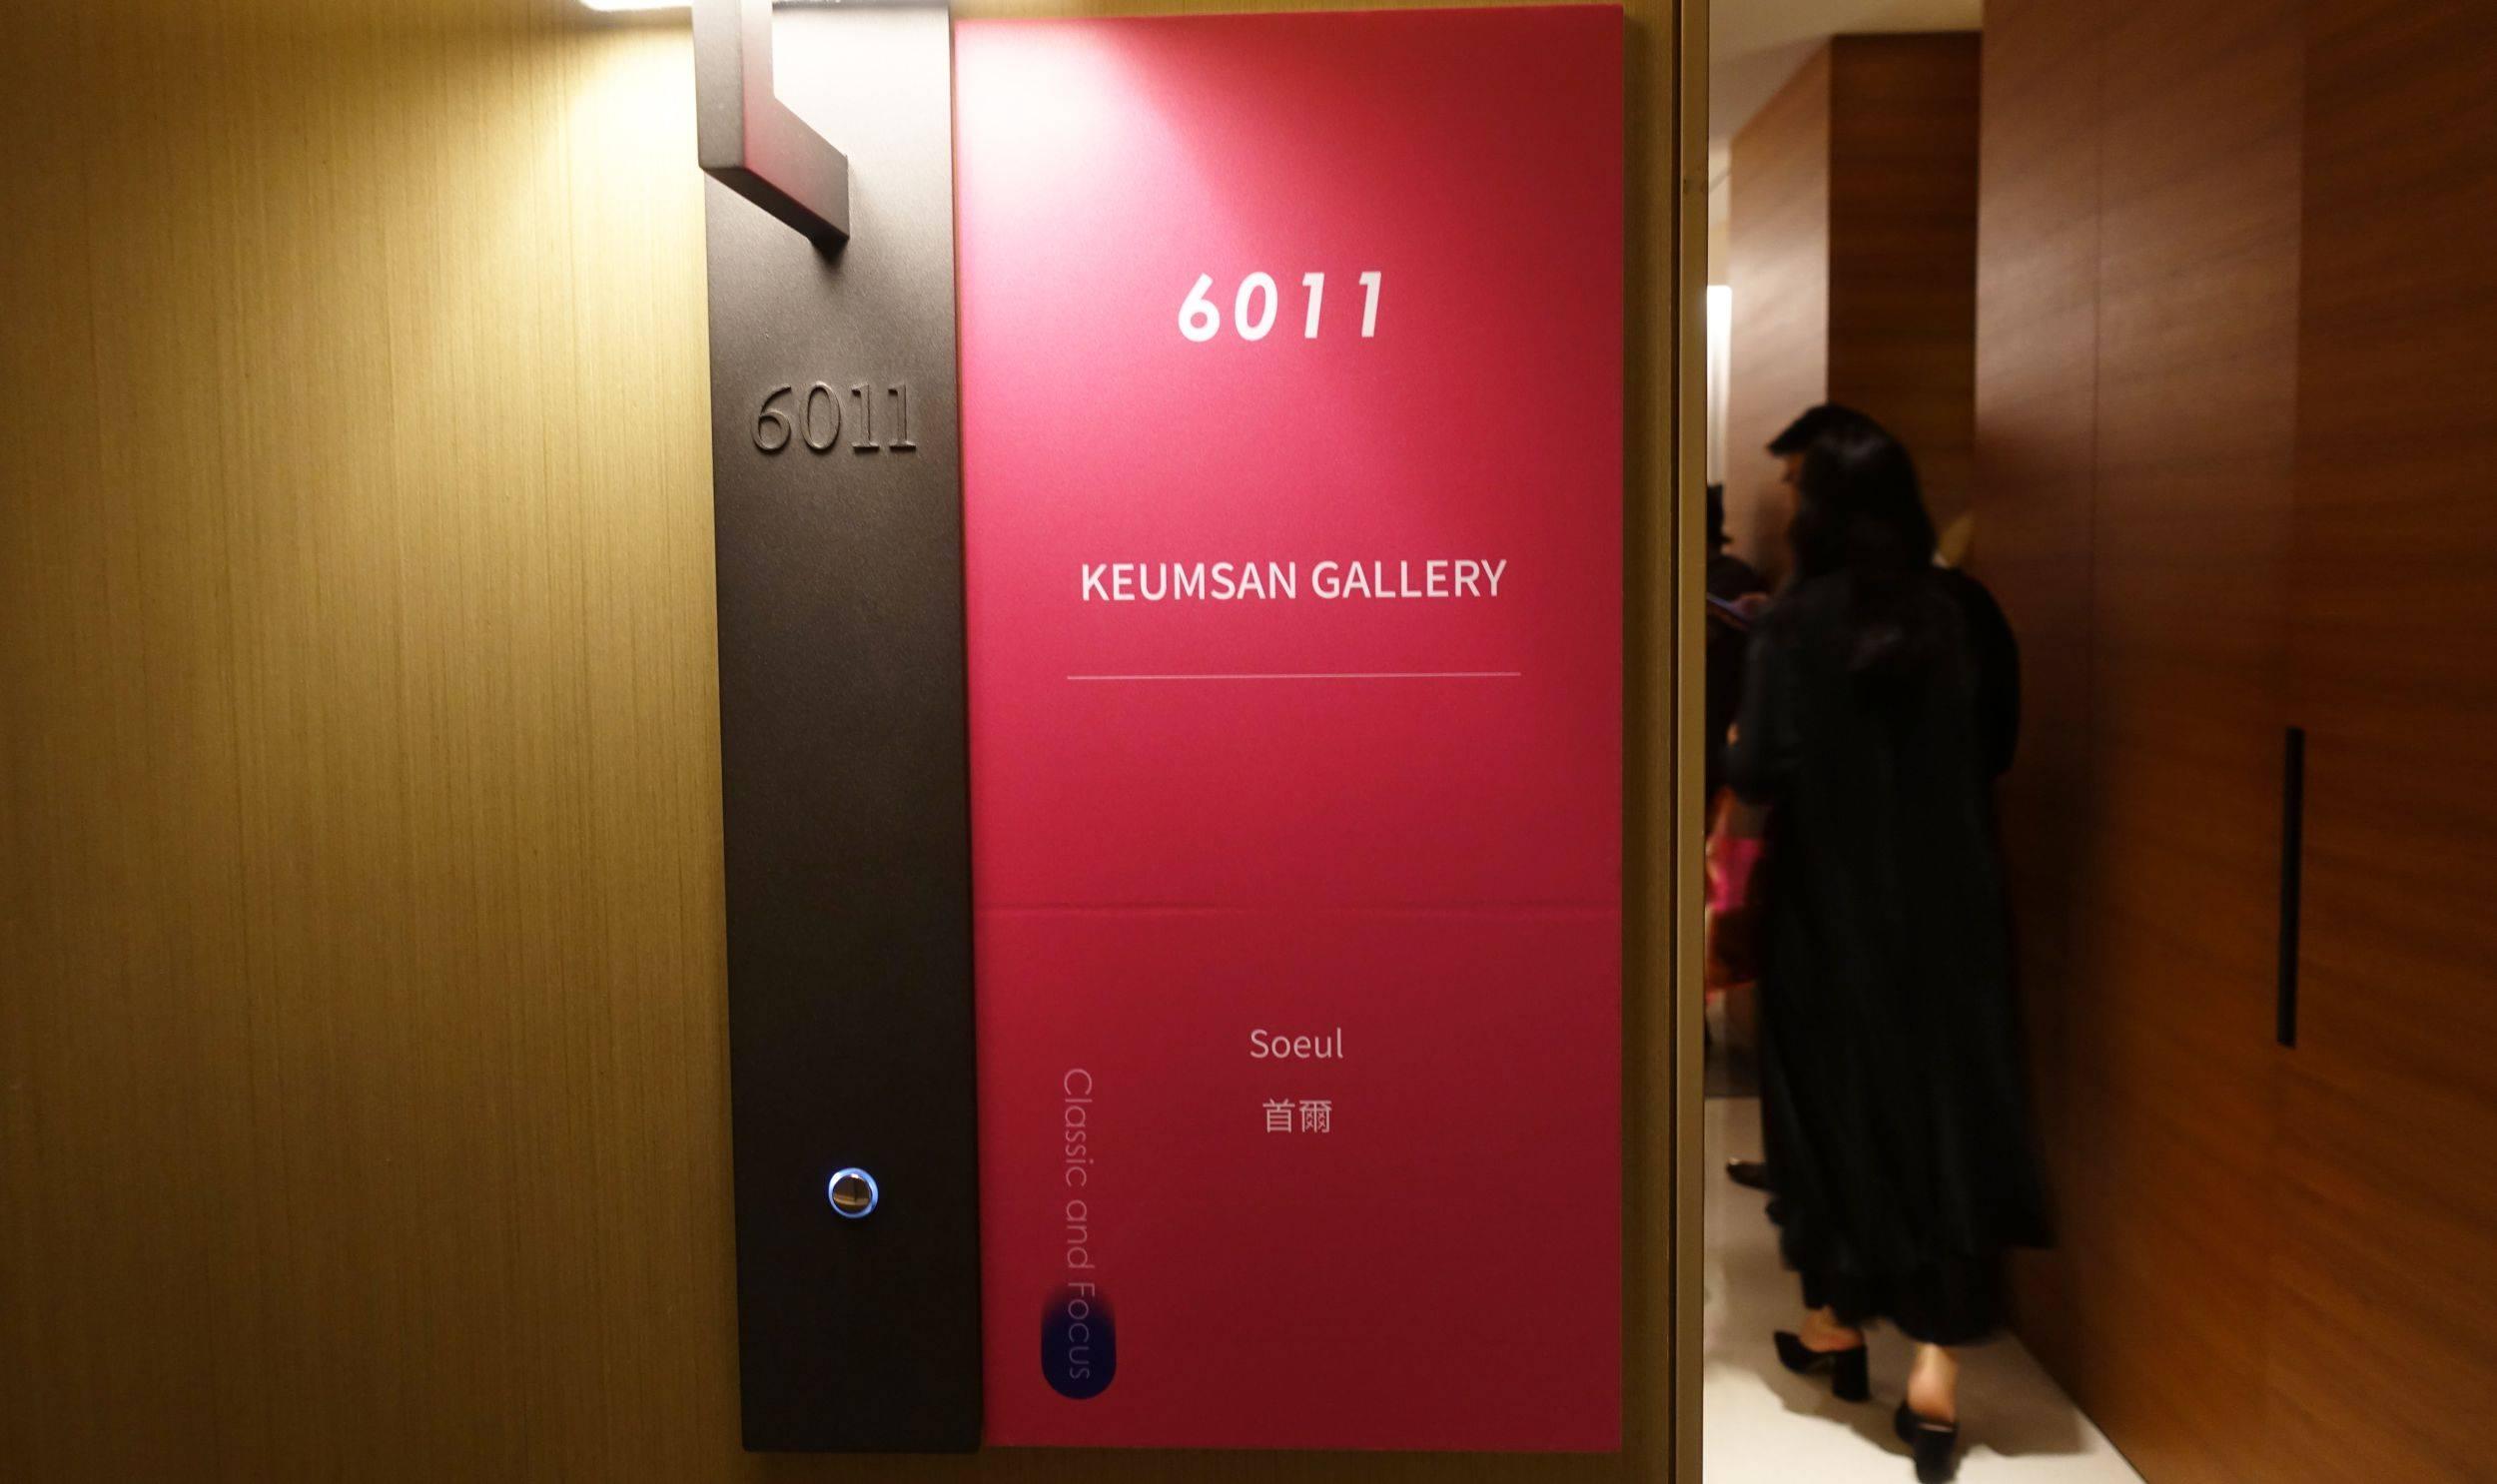 韓國首爾KEUMSAN GALLERY展間外觀。